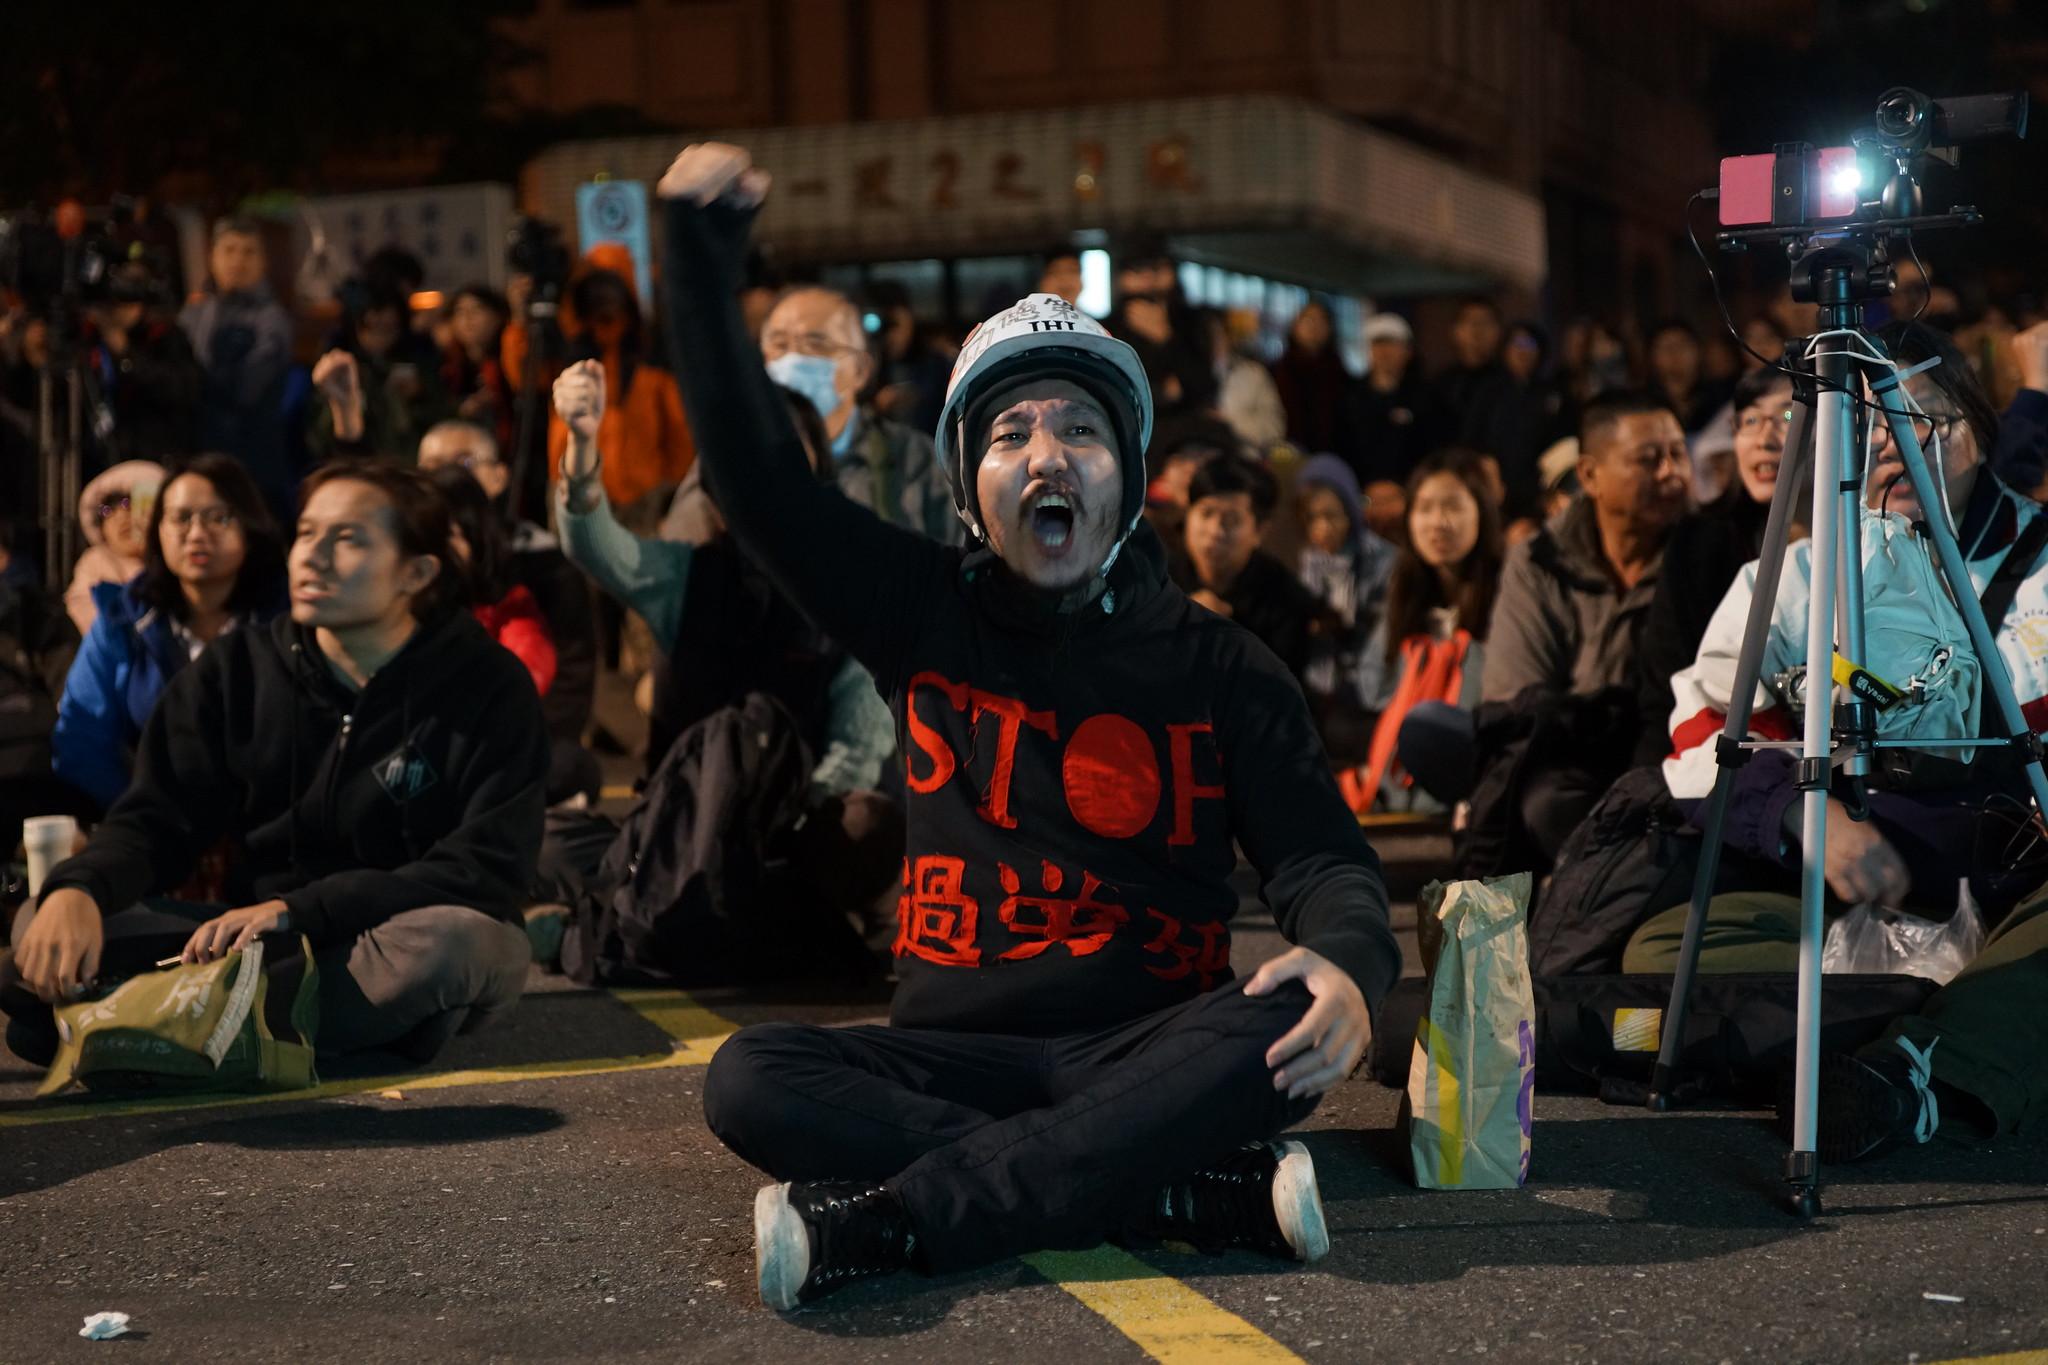 勞基法修法引起廣大民怨,圖為修正案出委員會當天立院外抗議民眾。(資料照片/攝影:王顥中)